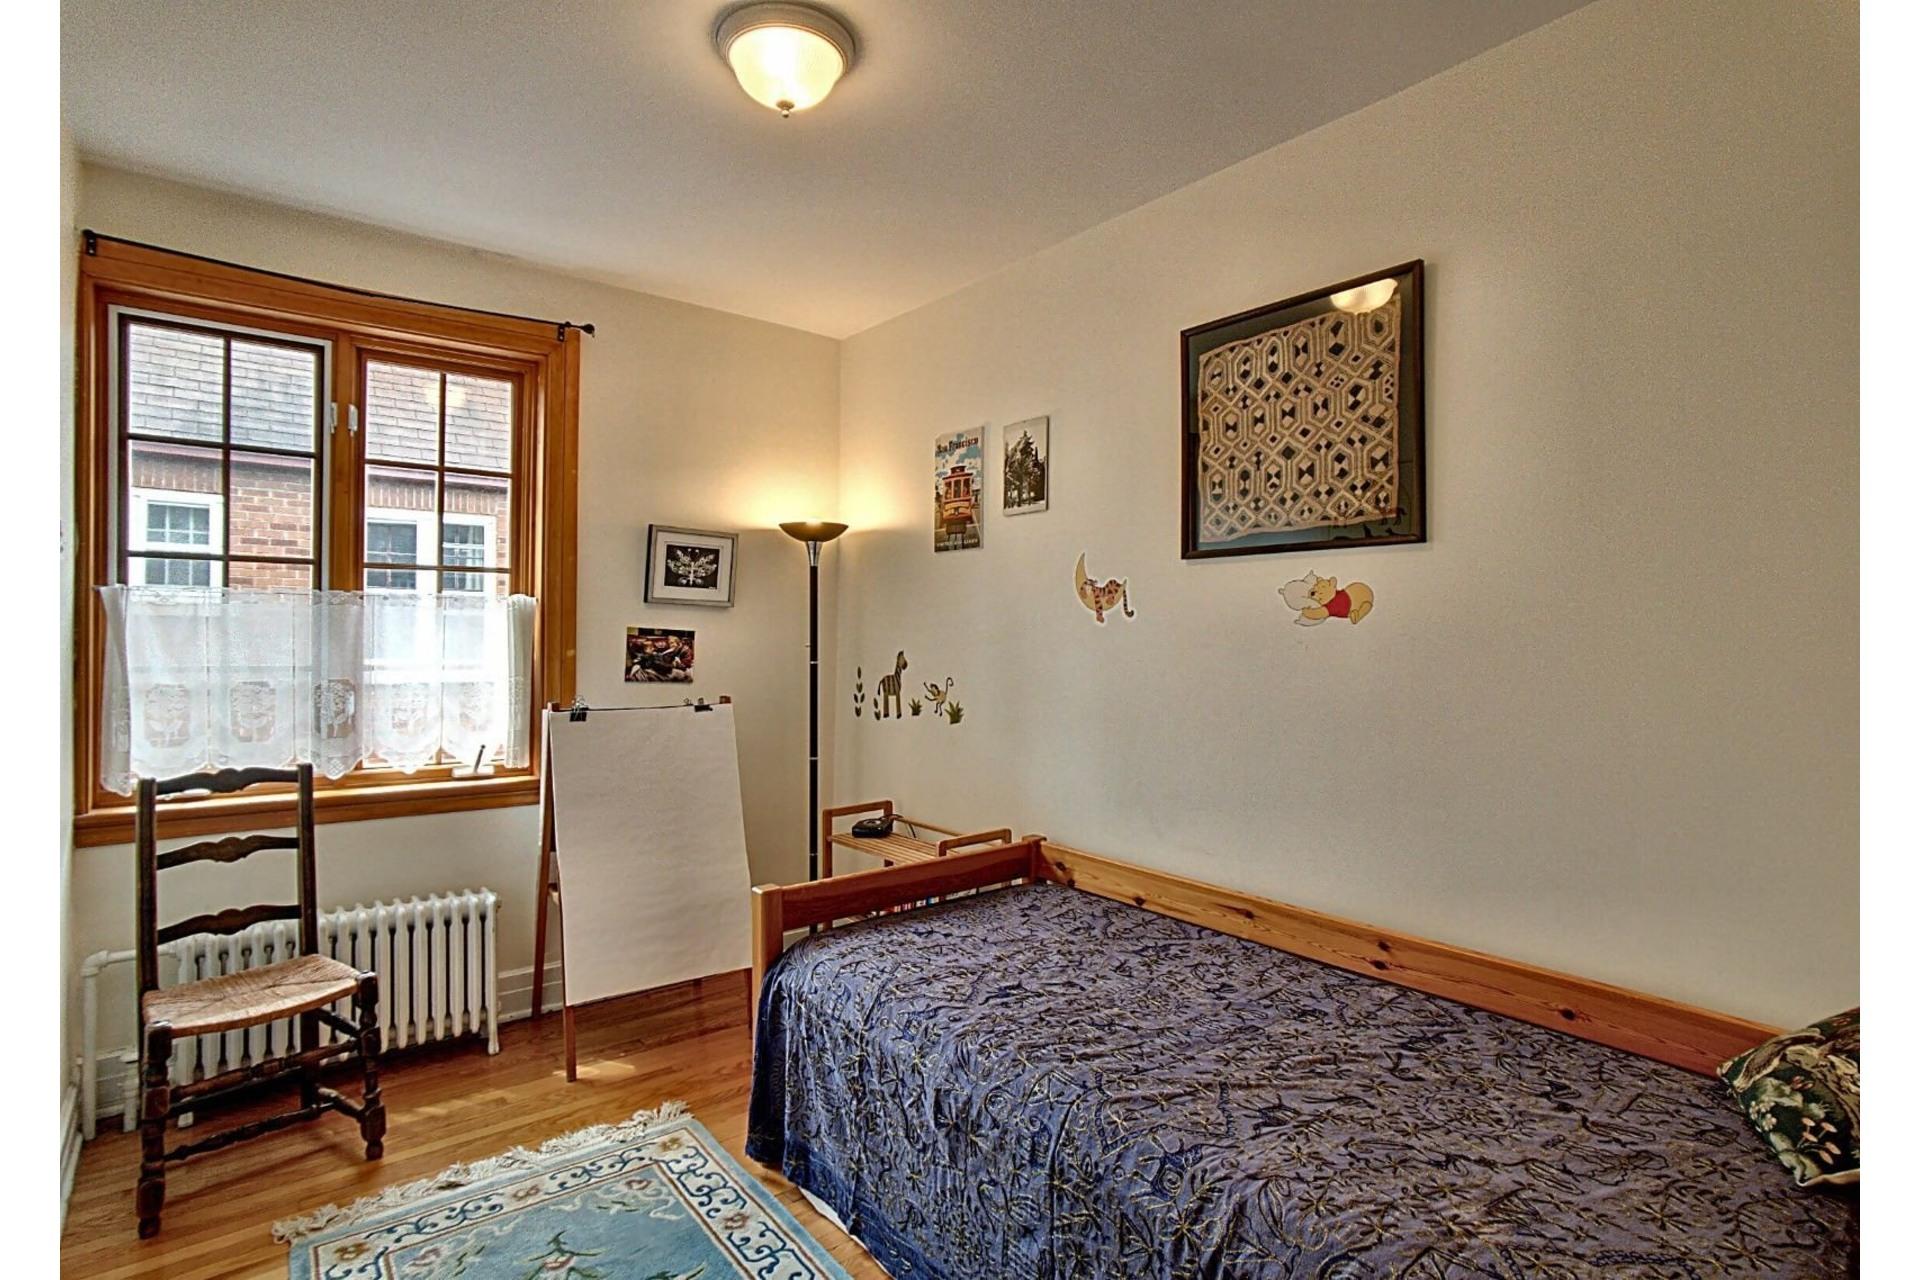 image 17 - Appartement À vendre Côte-des-Neiges/Notre-Dame-de-Grâce Montréal  - 10 pièces